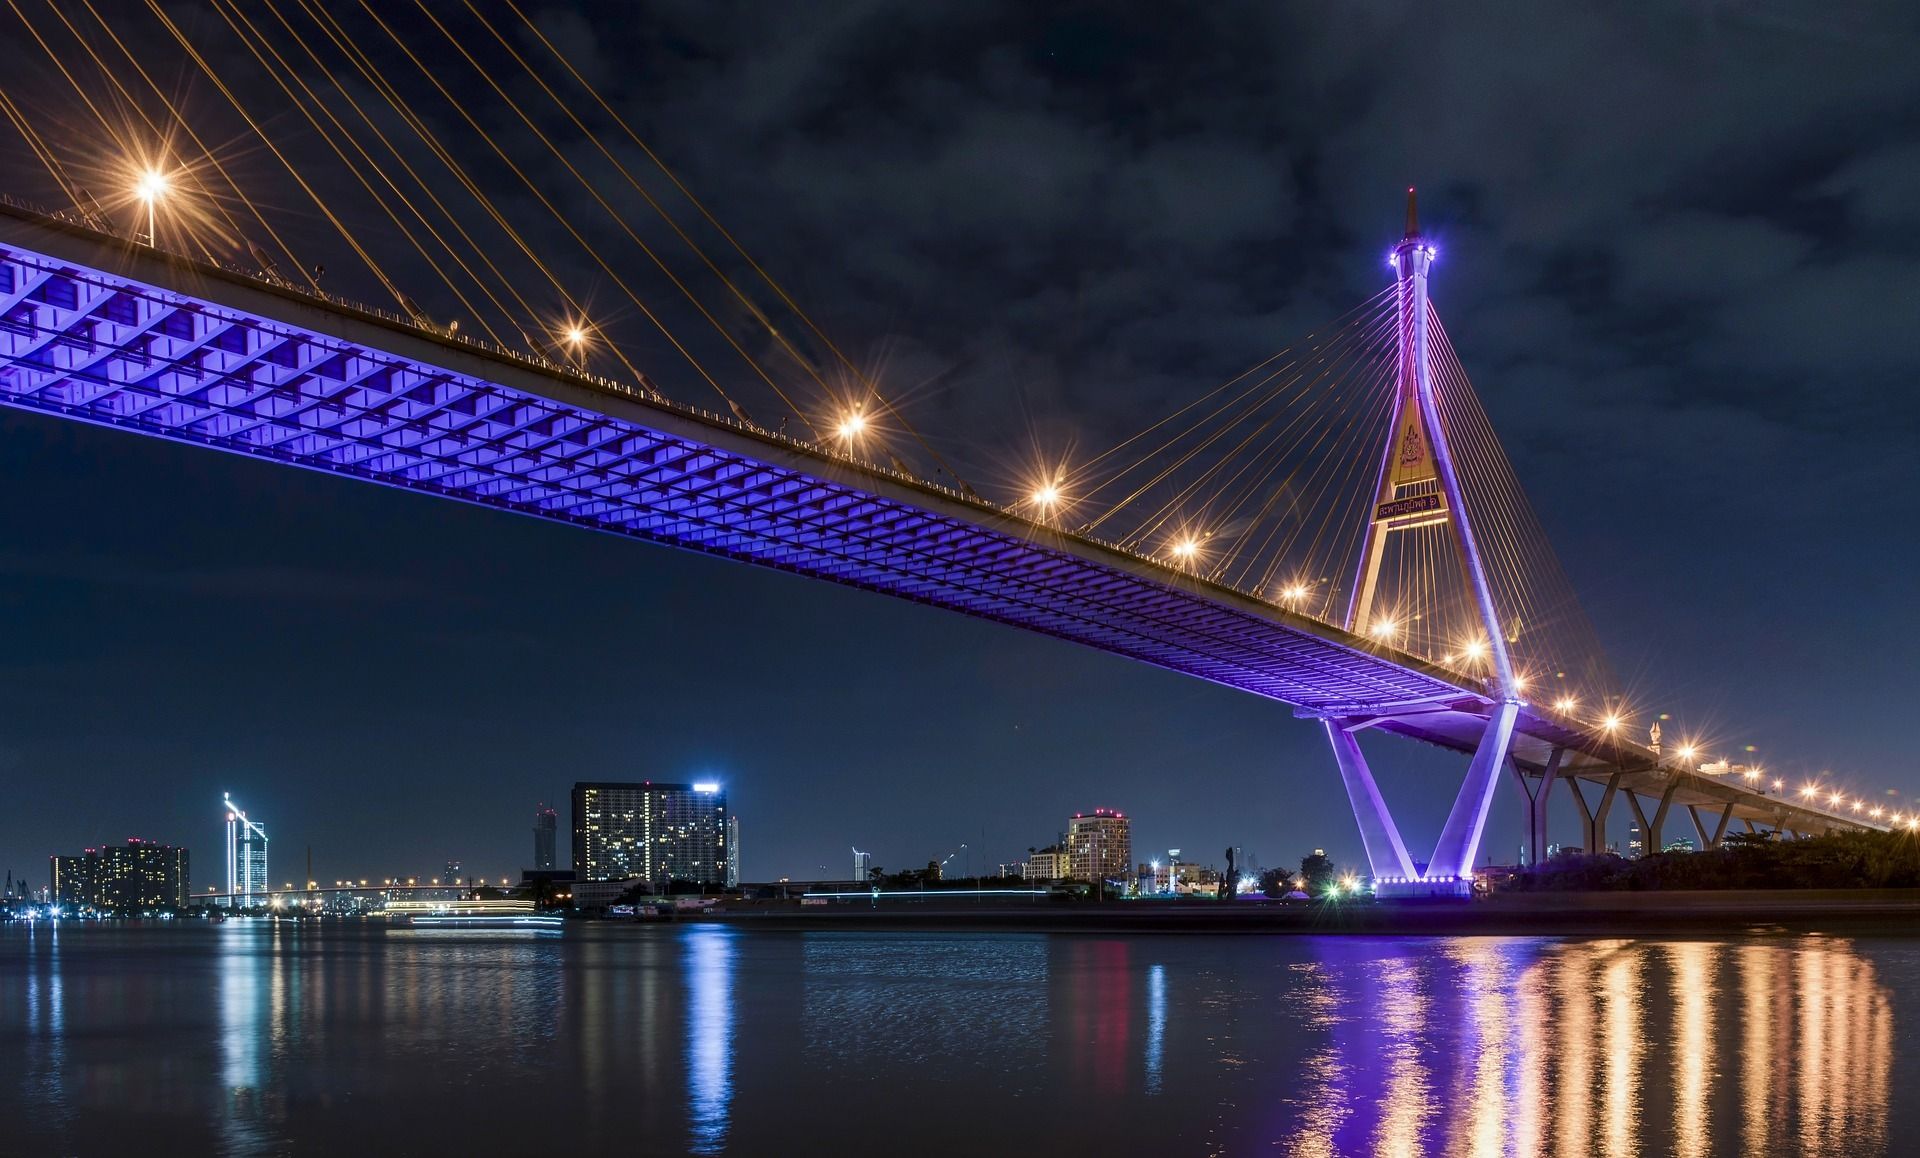 亞洲12大電商城市之曼谷